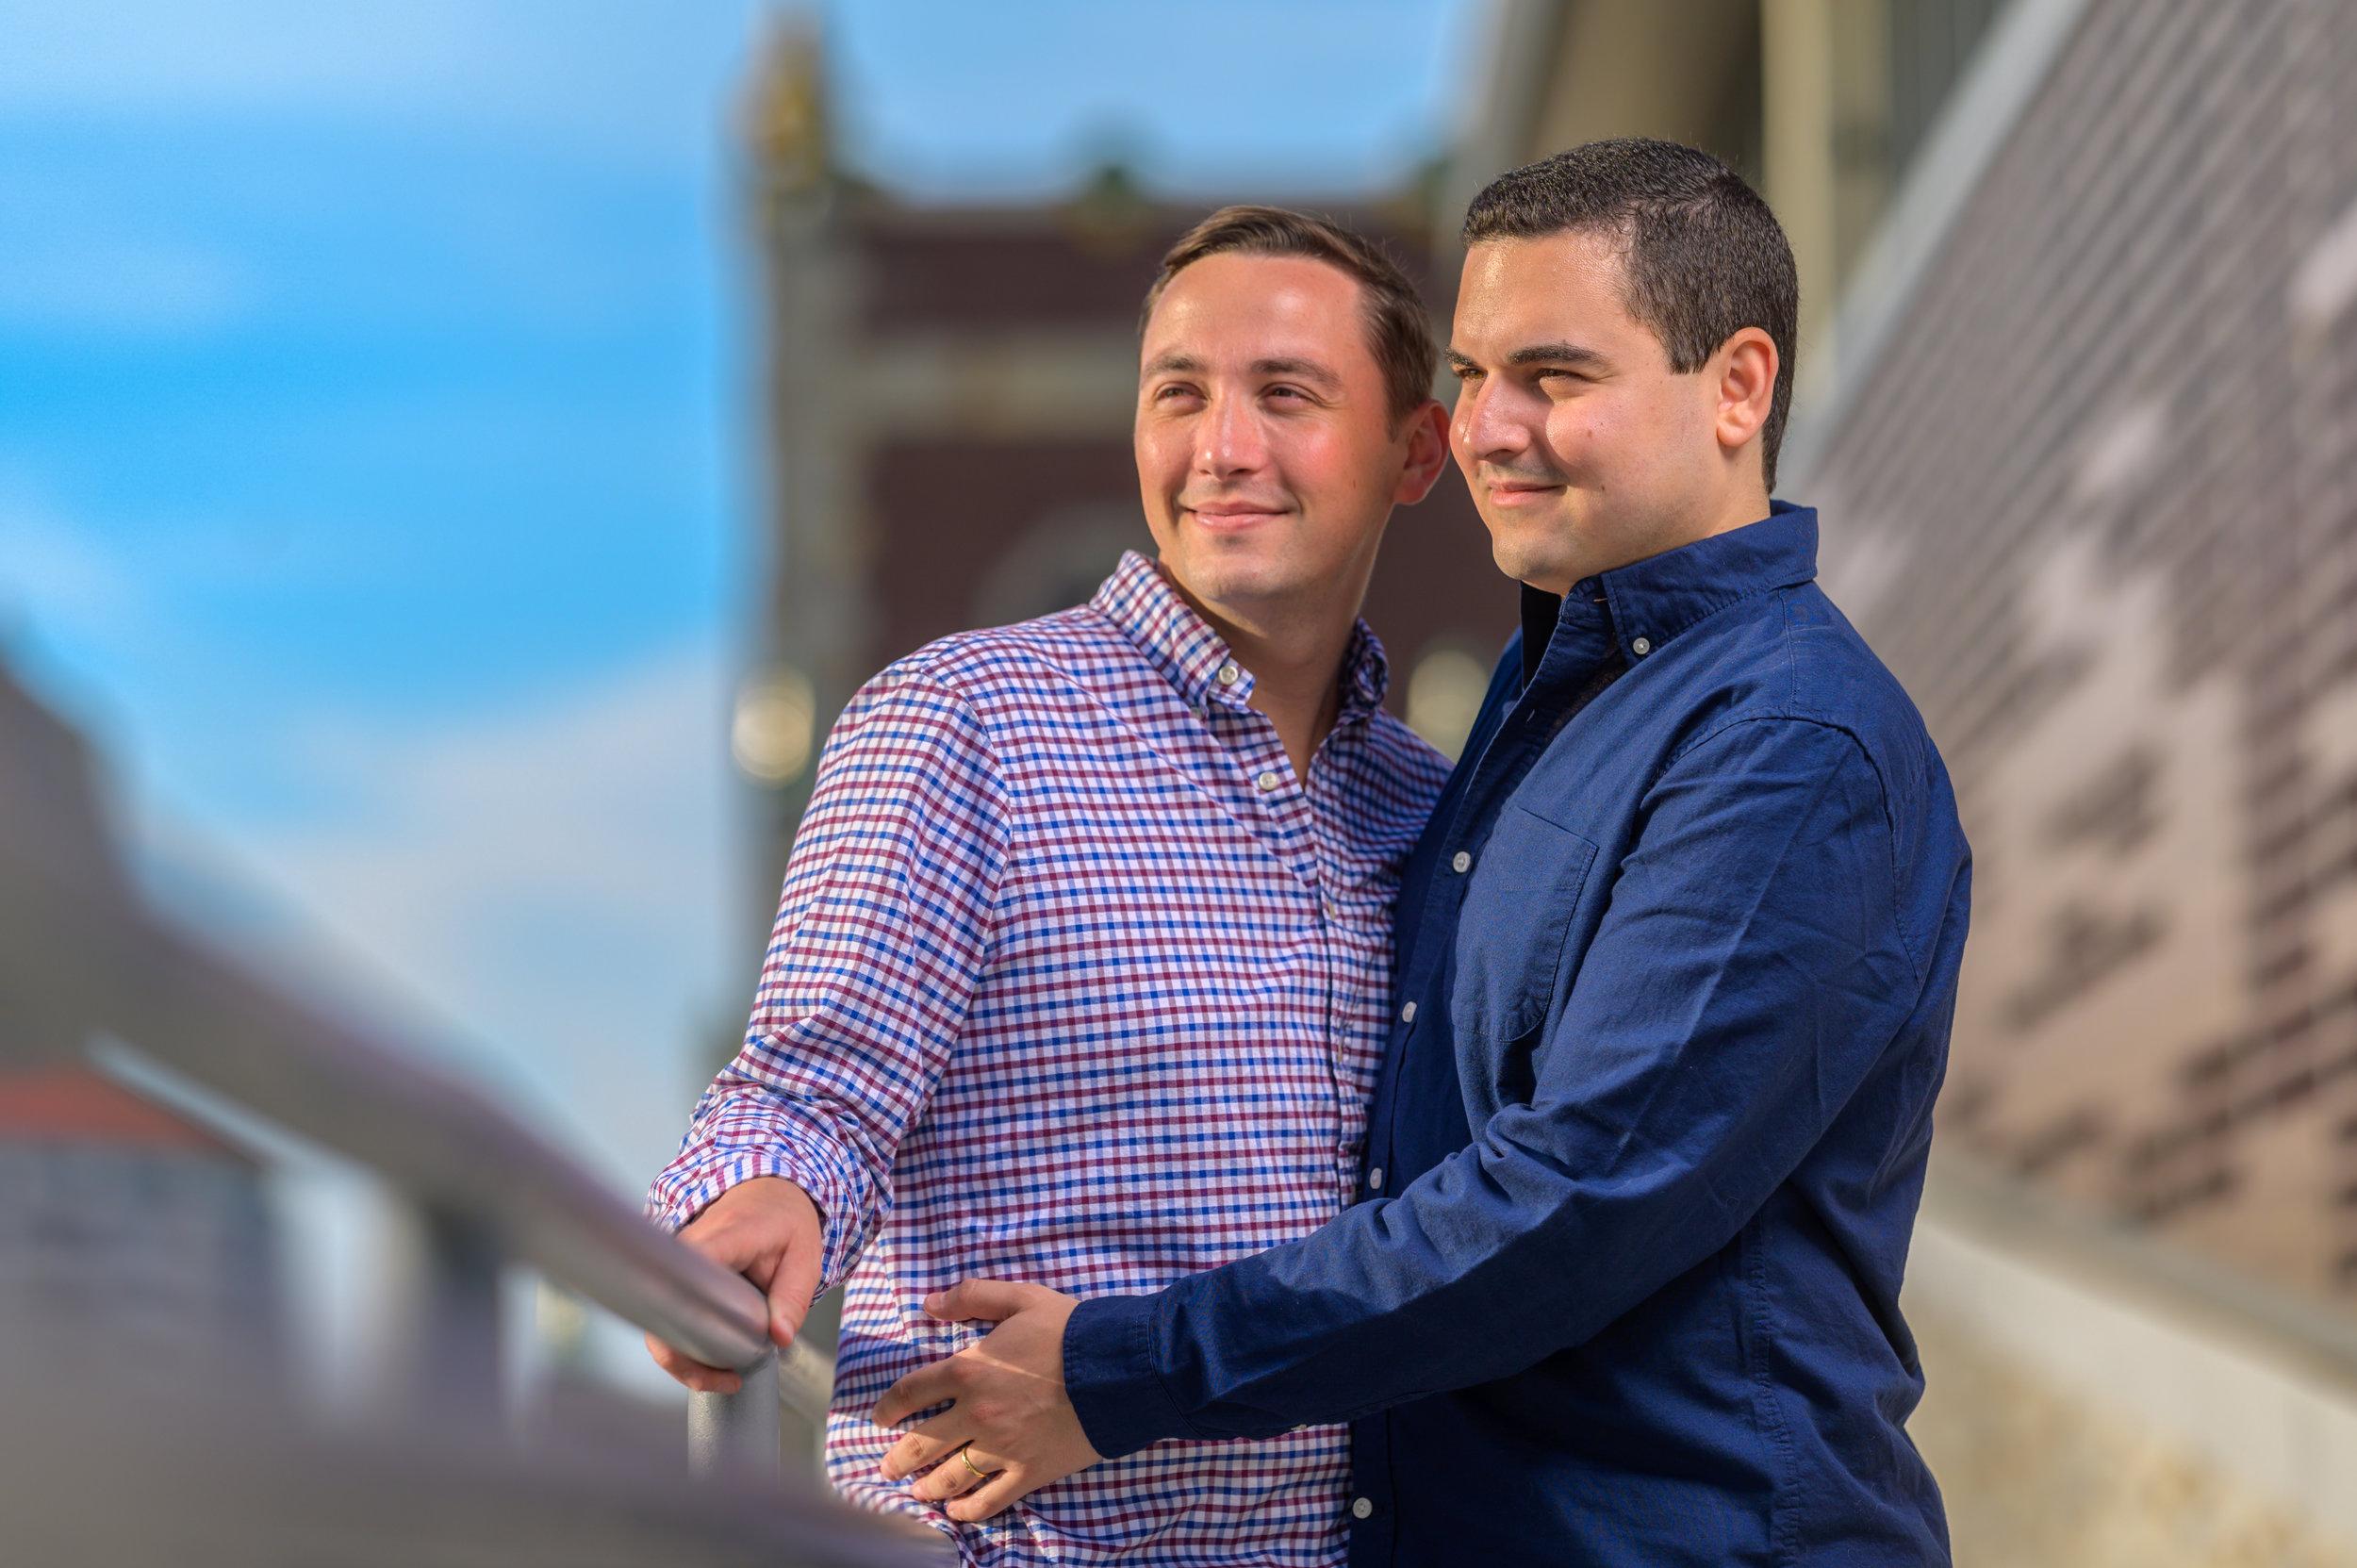 Steven & Matthew Engagement Session (6).jpg